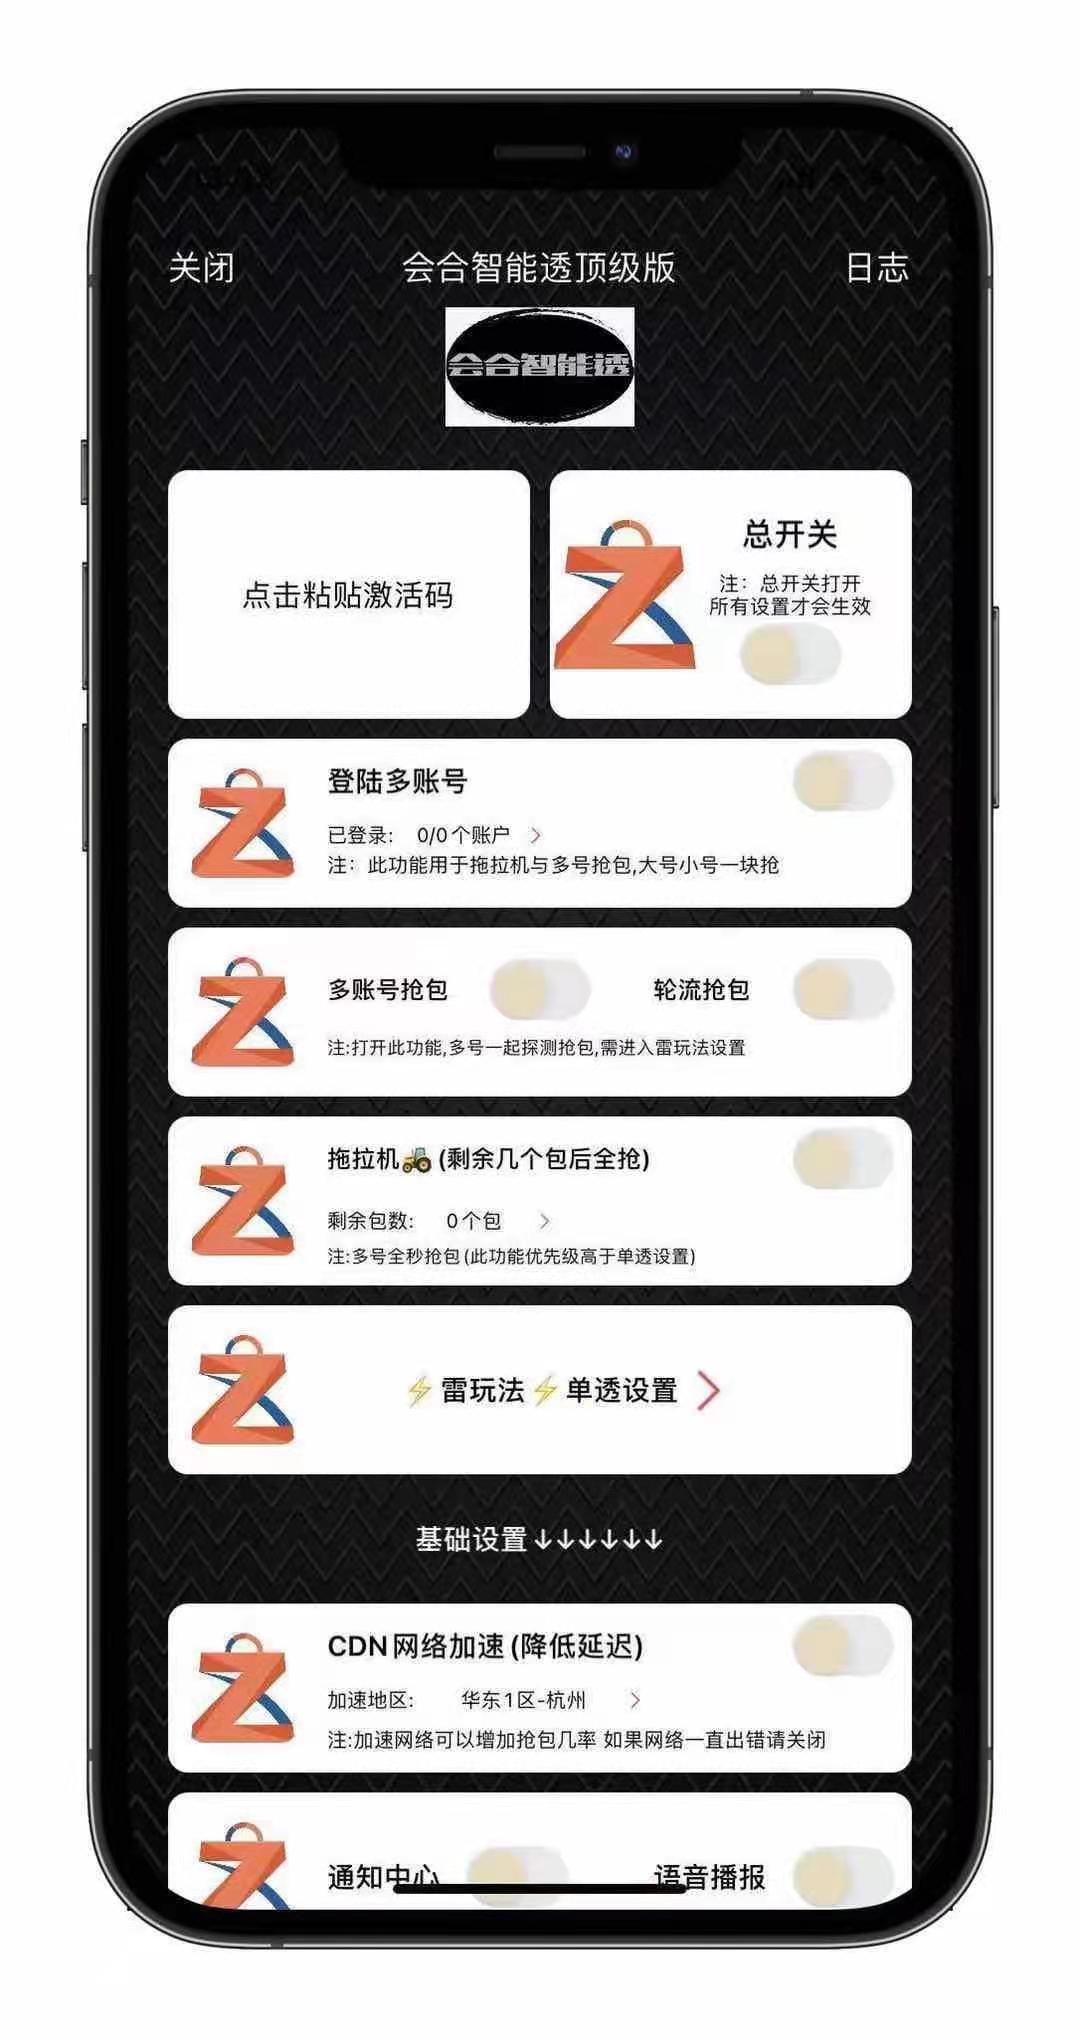 【会合智能透顶级版月卡】苹果版